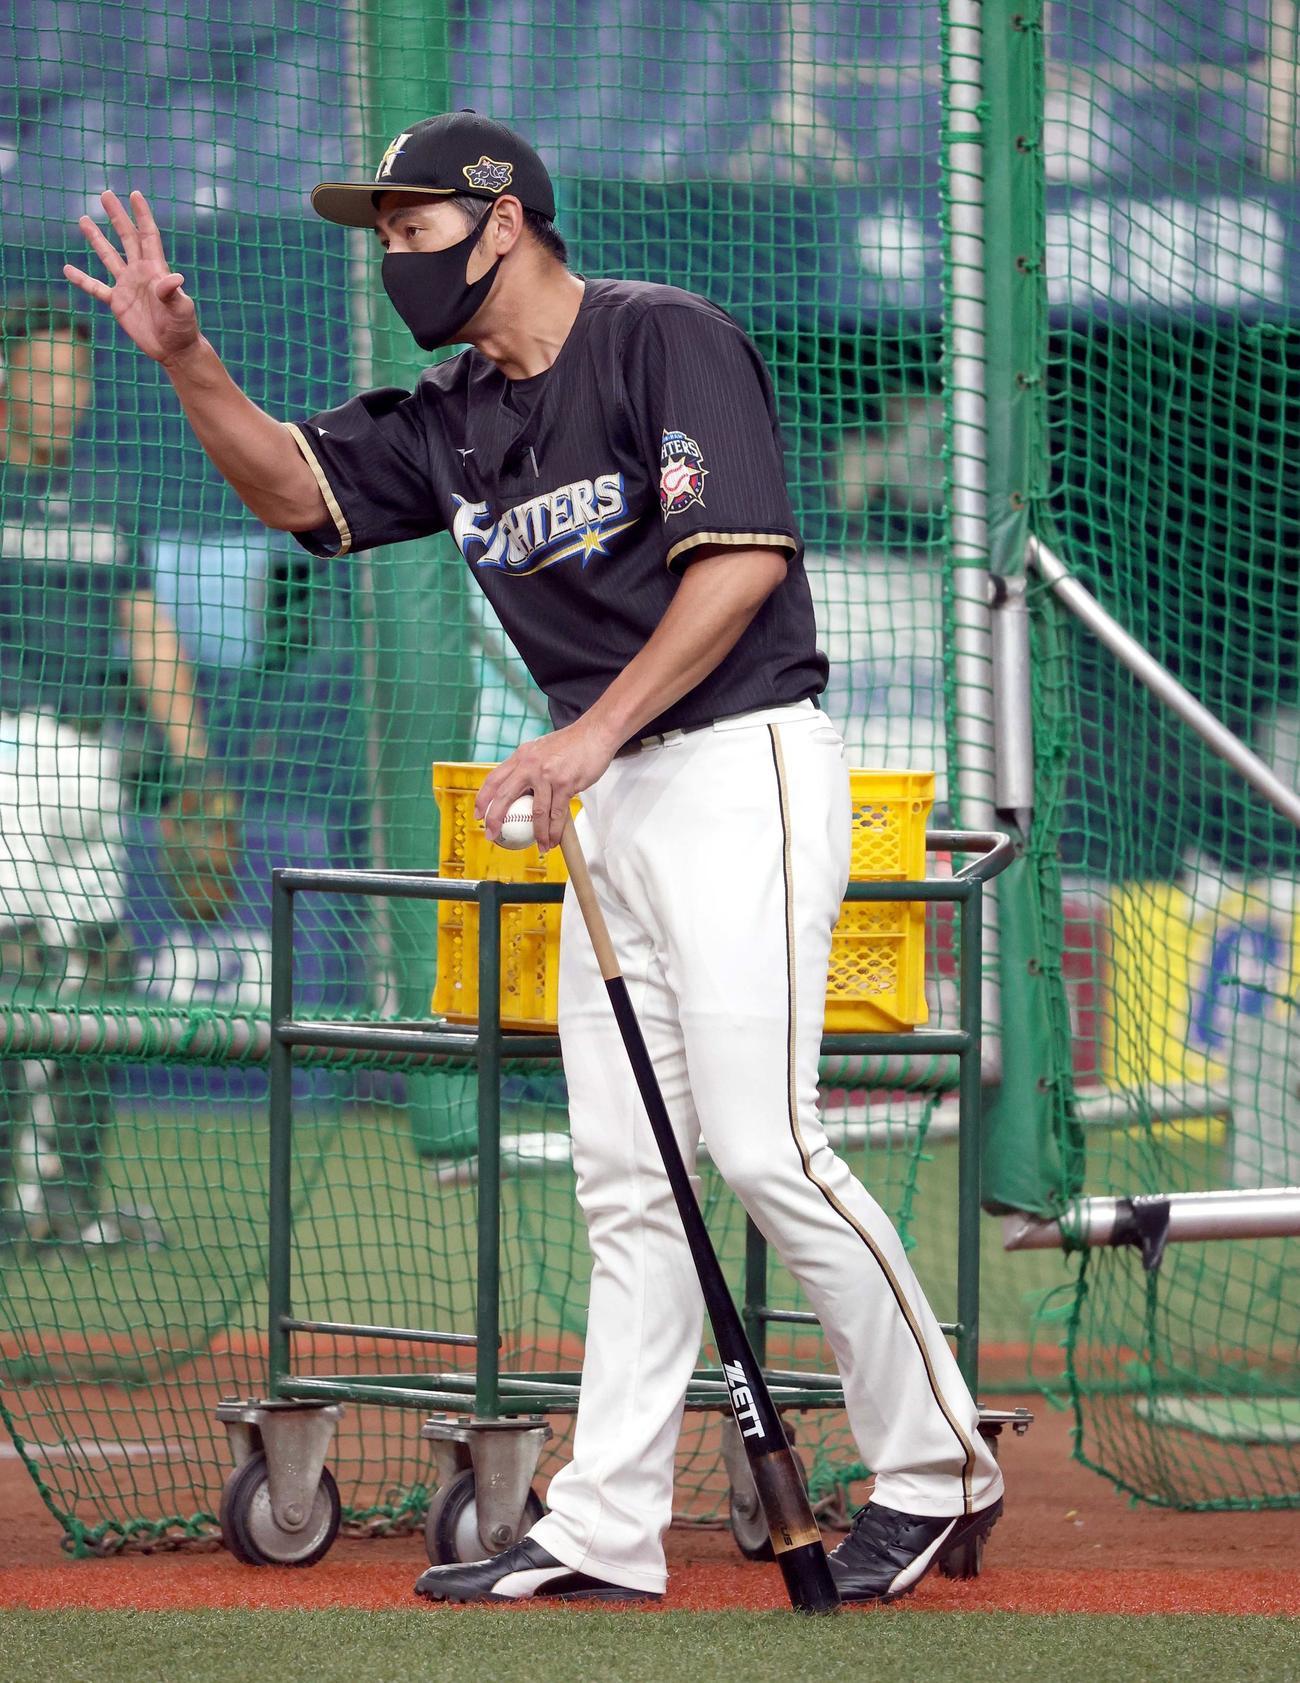 試合前、ノックを打つ日本ハム飯山内野守備コーチ(2020年9月25日)